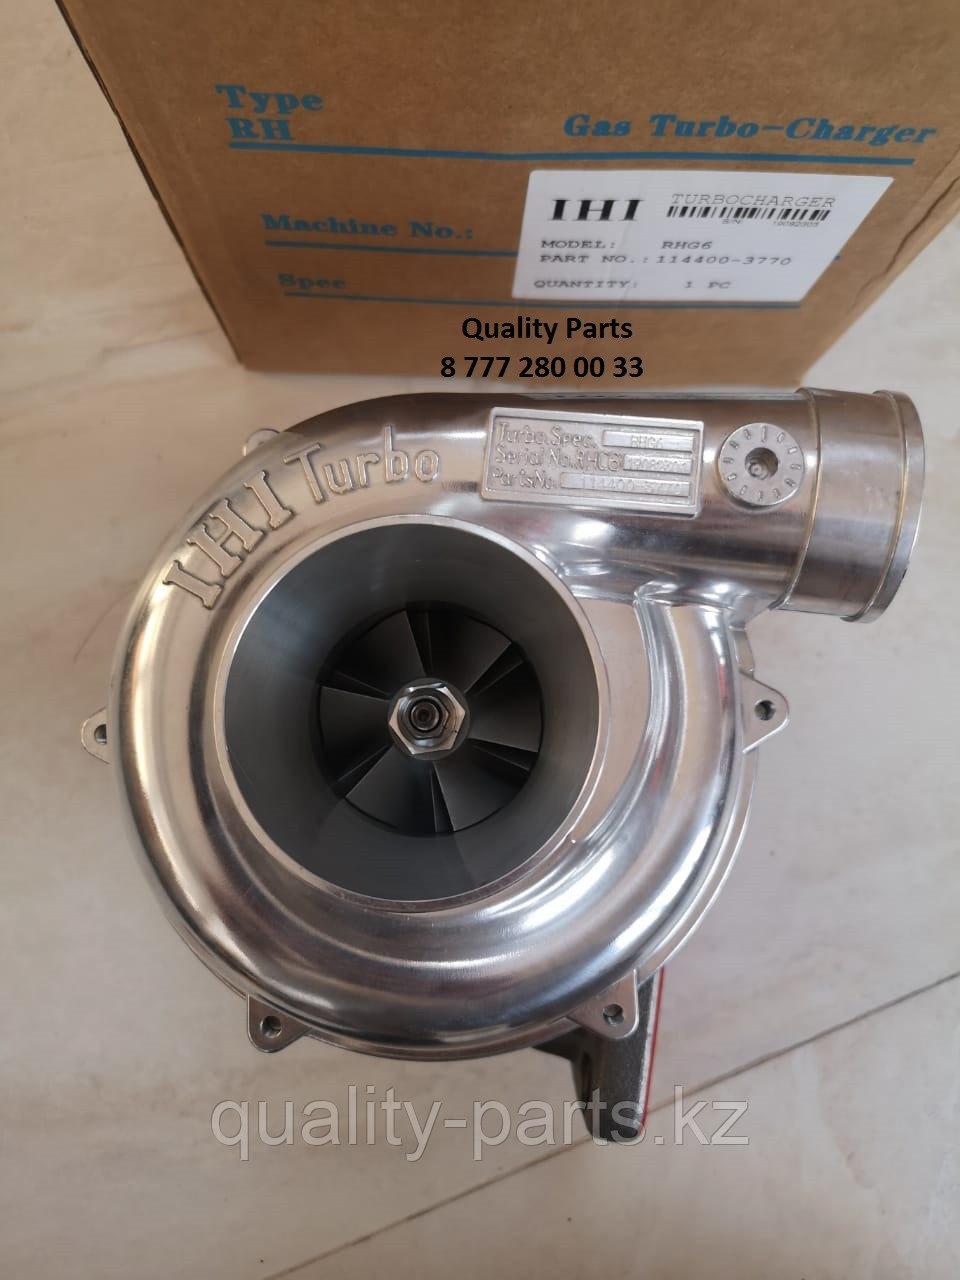 Турбина 1144003770 Isuzu 6BG1 (RHB7) на экскаватор Hitachi ZX , JCB JS, Case CX